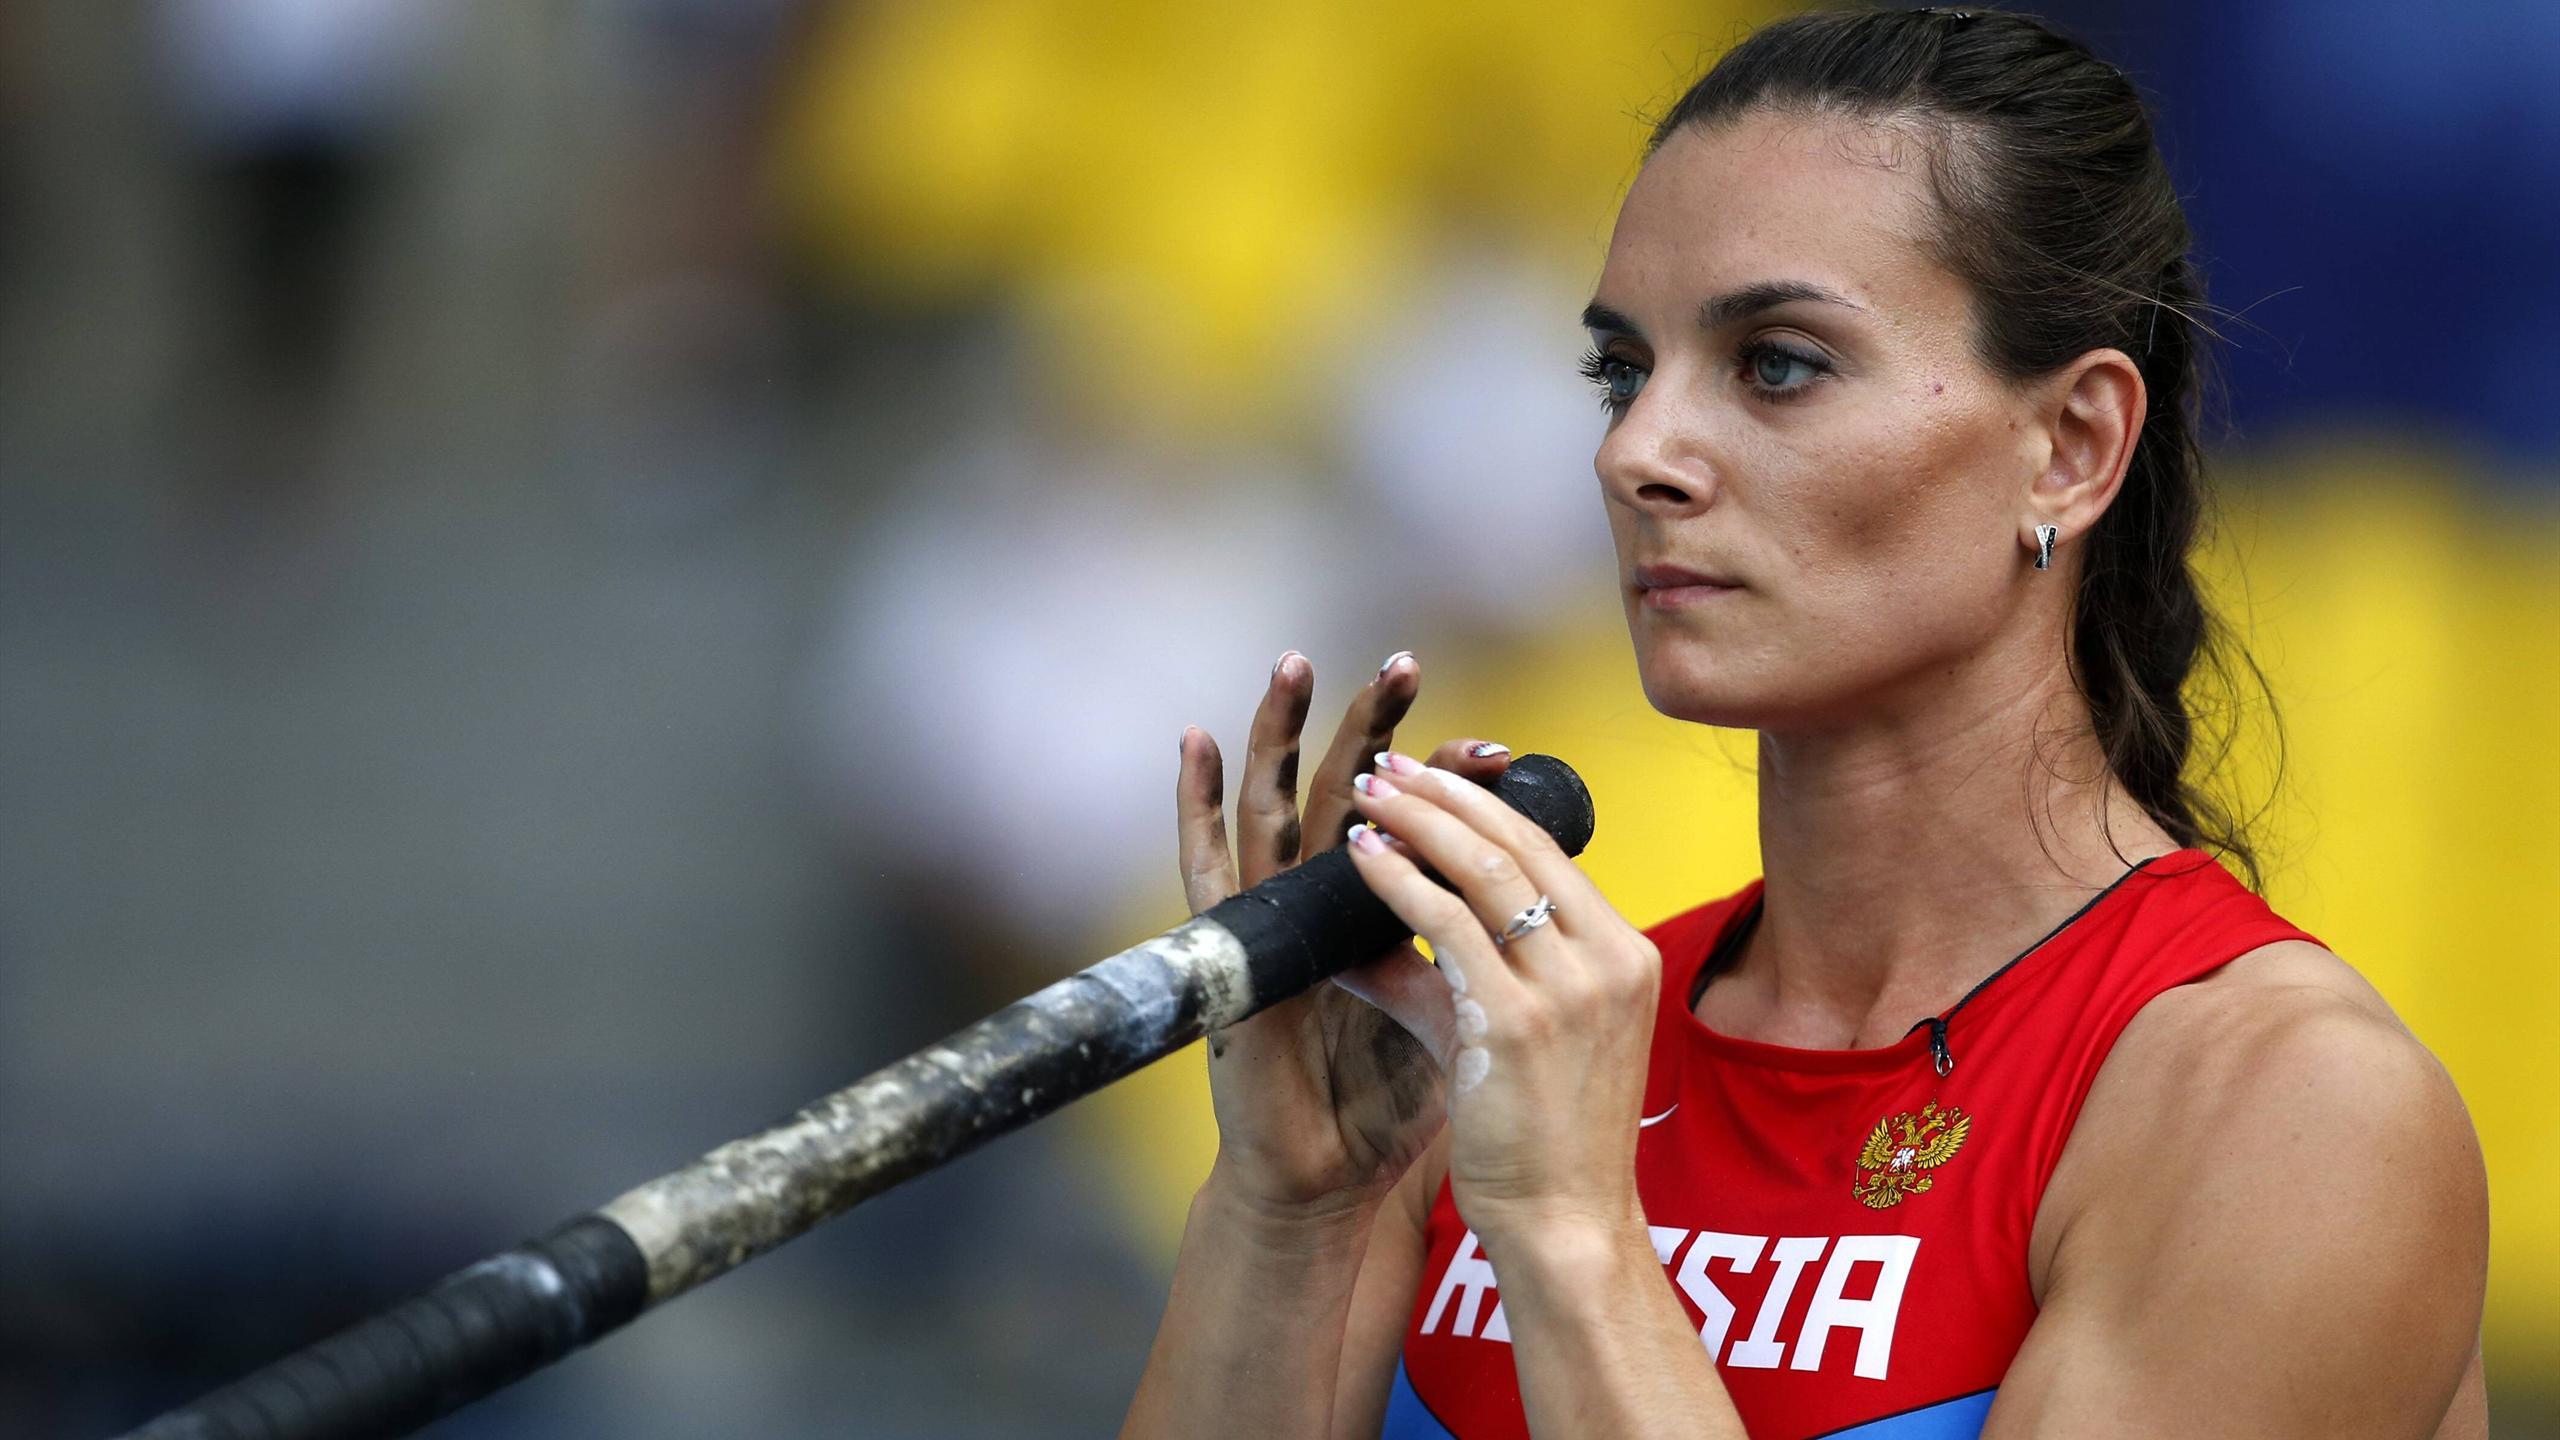 Елена Исинбаева: биография и личная жизнь